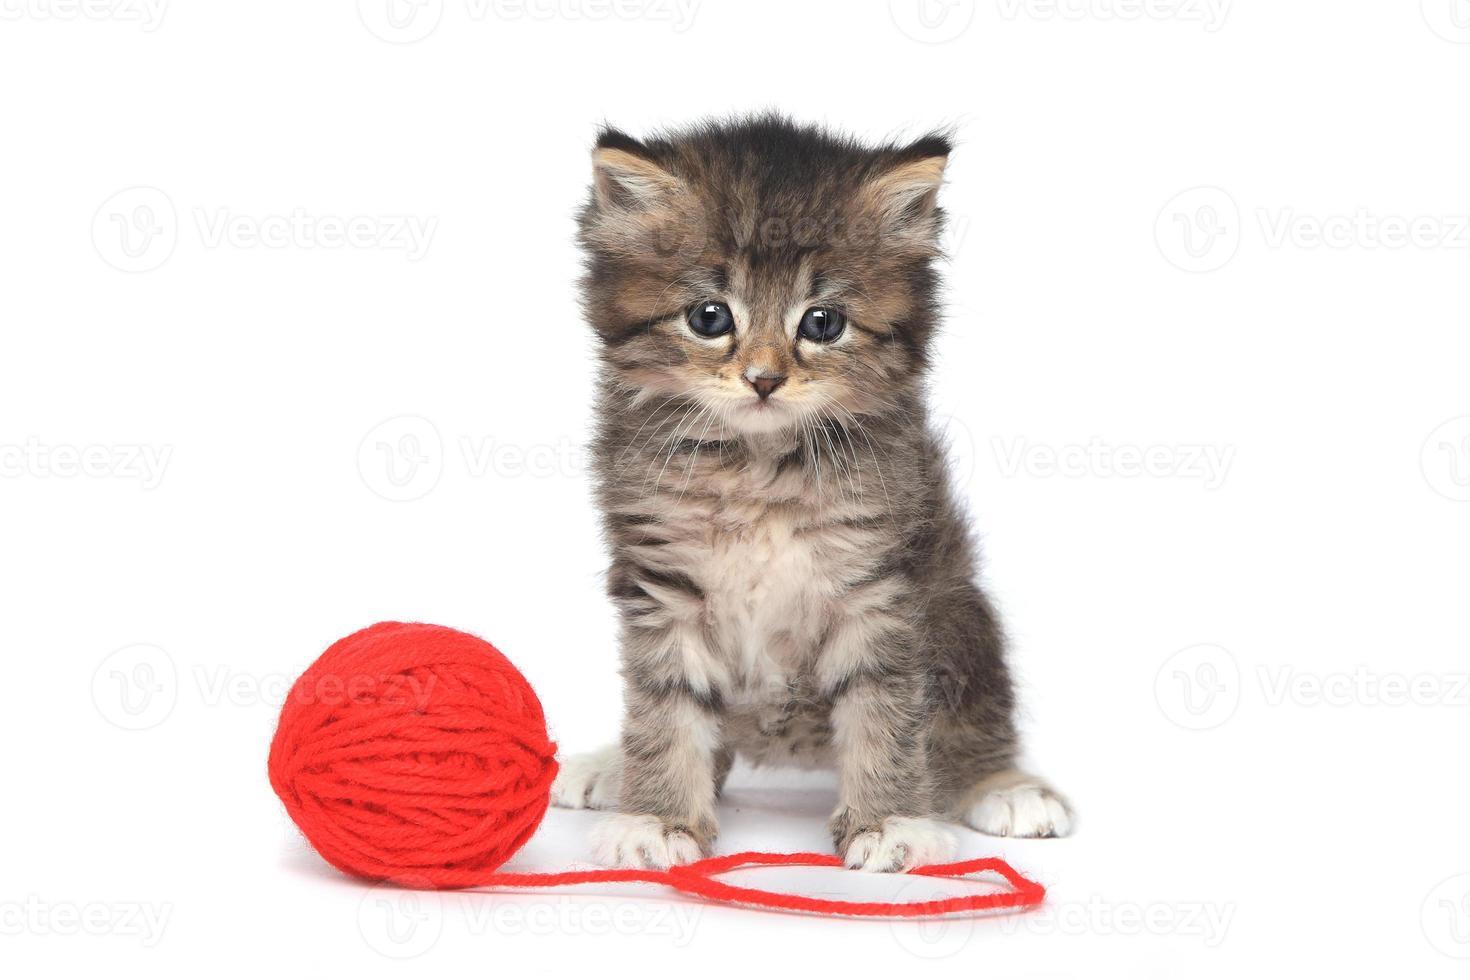 lekfull kattunge med röd boll av garn foto